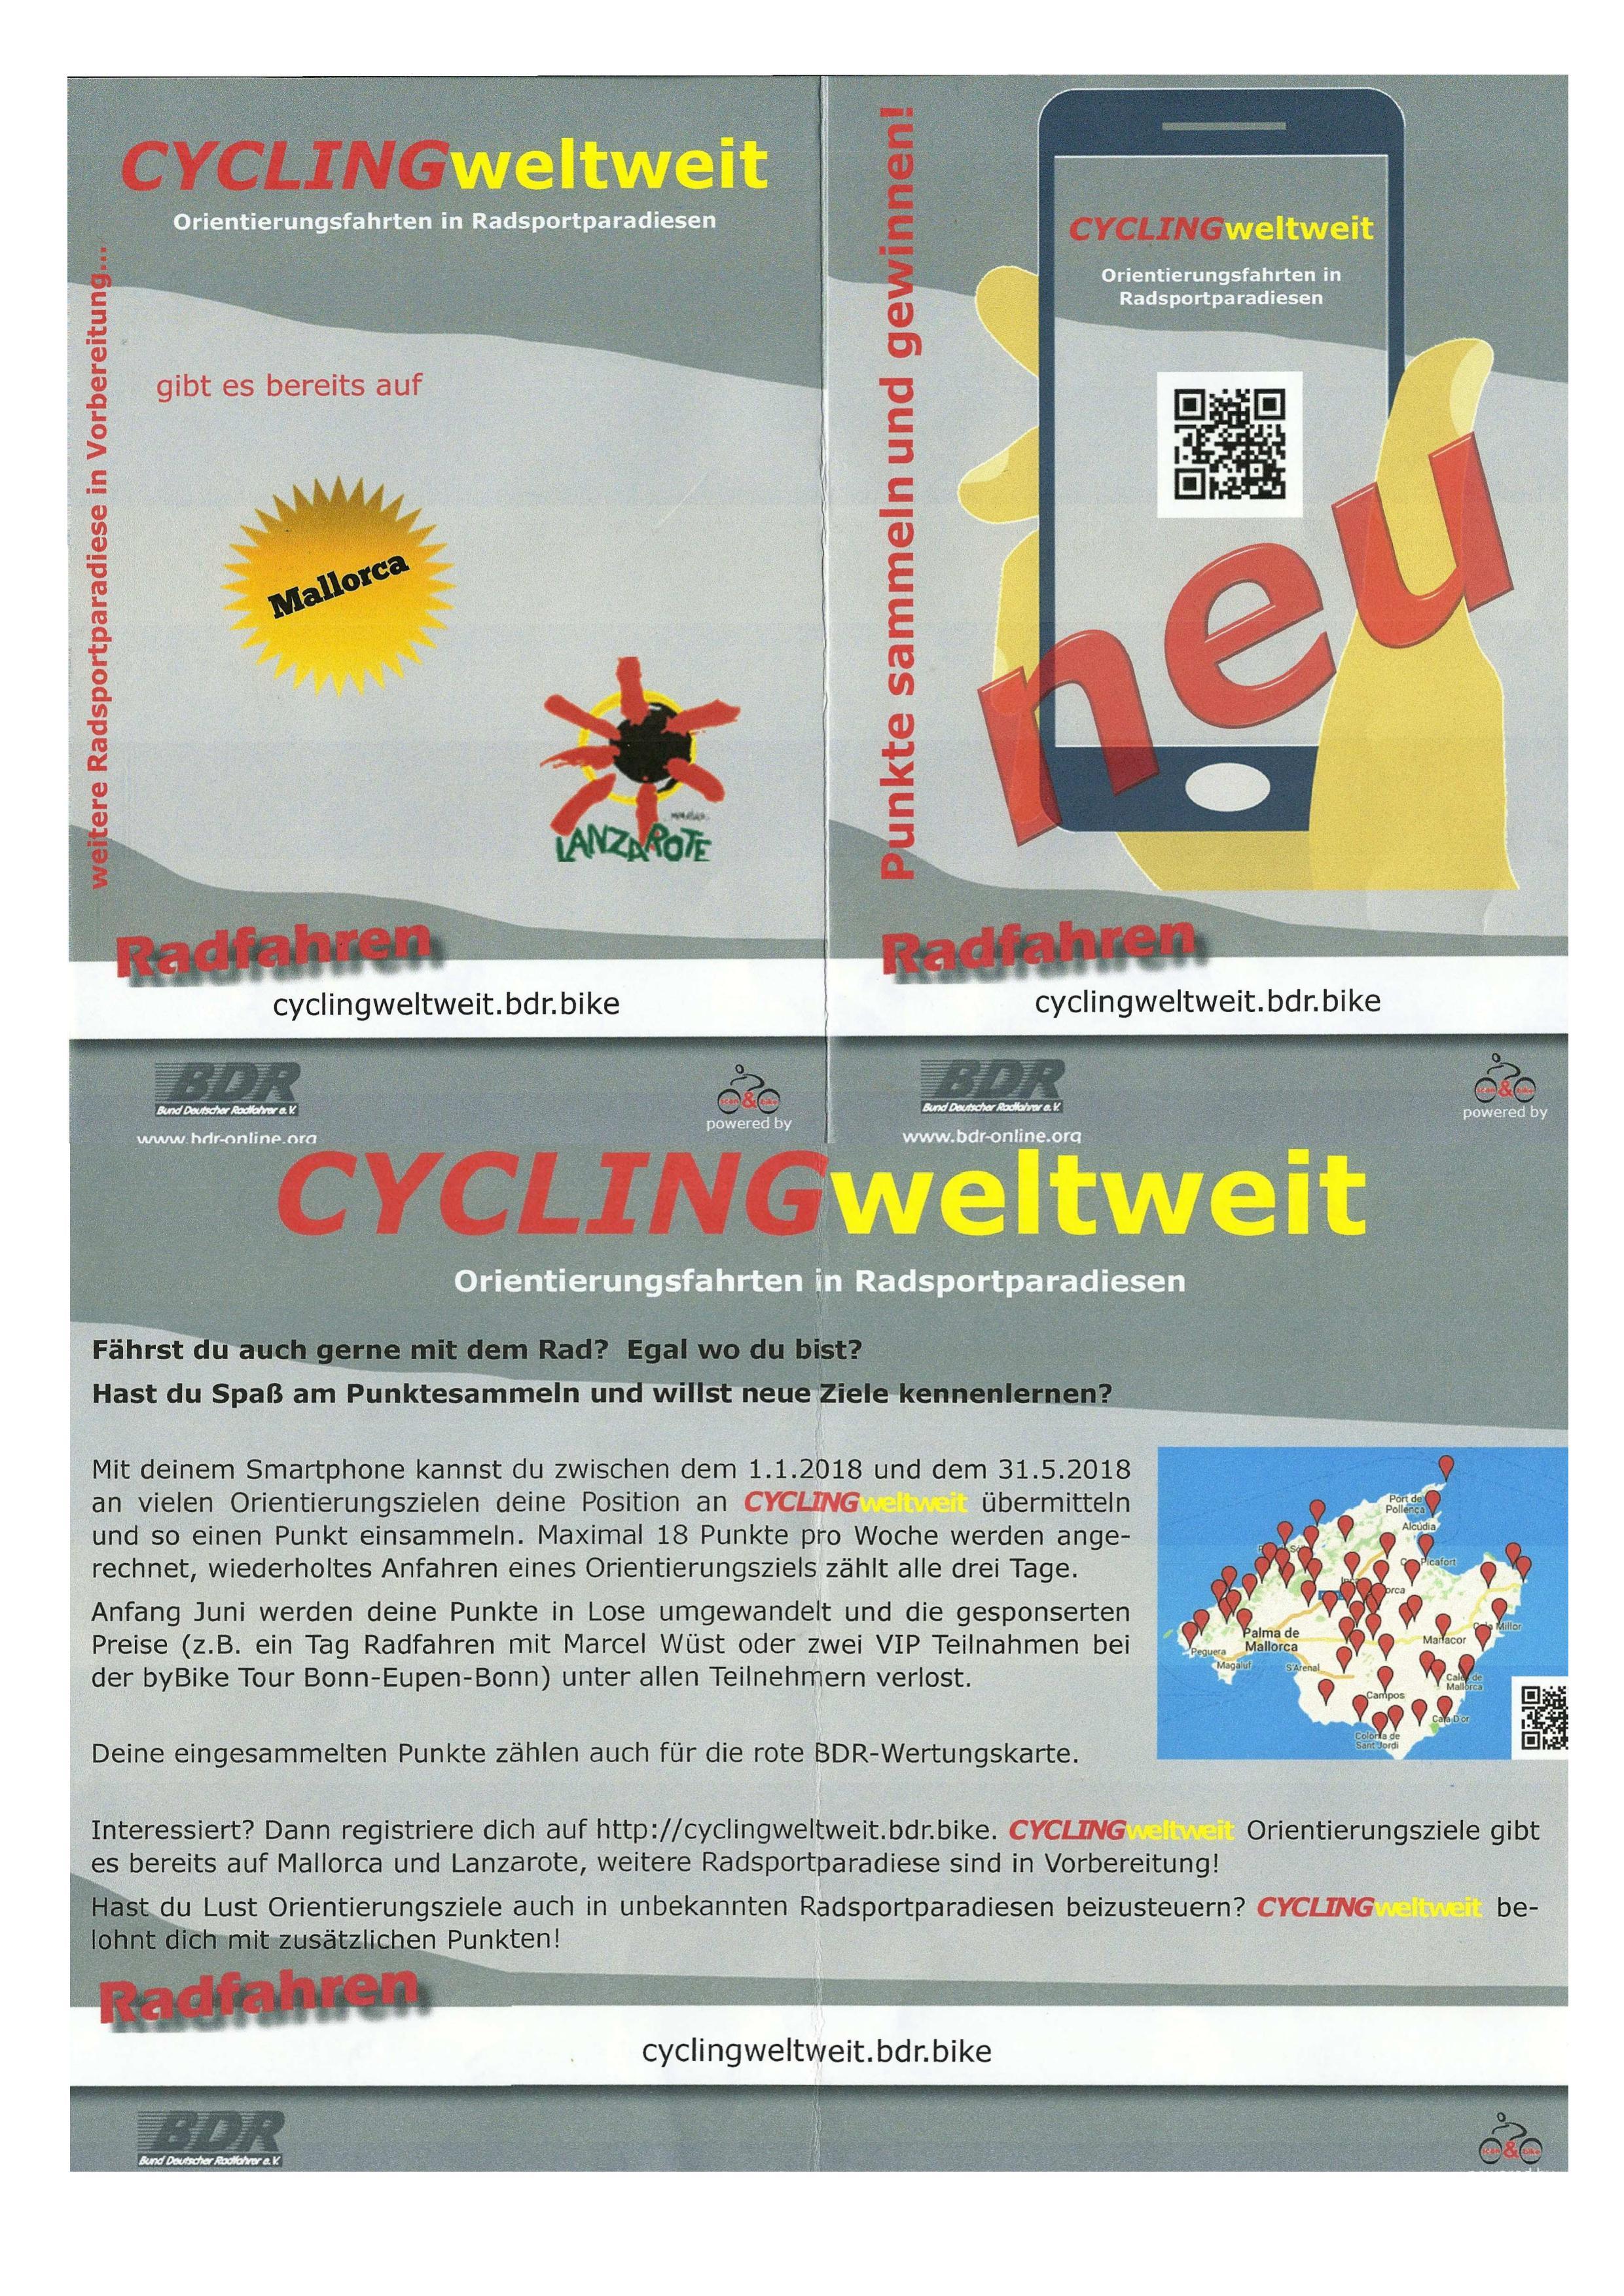 CyclingWeltweitBild